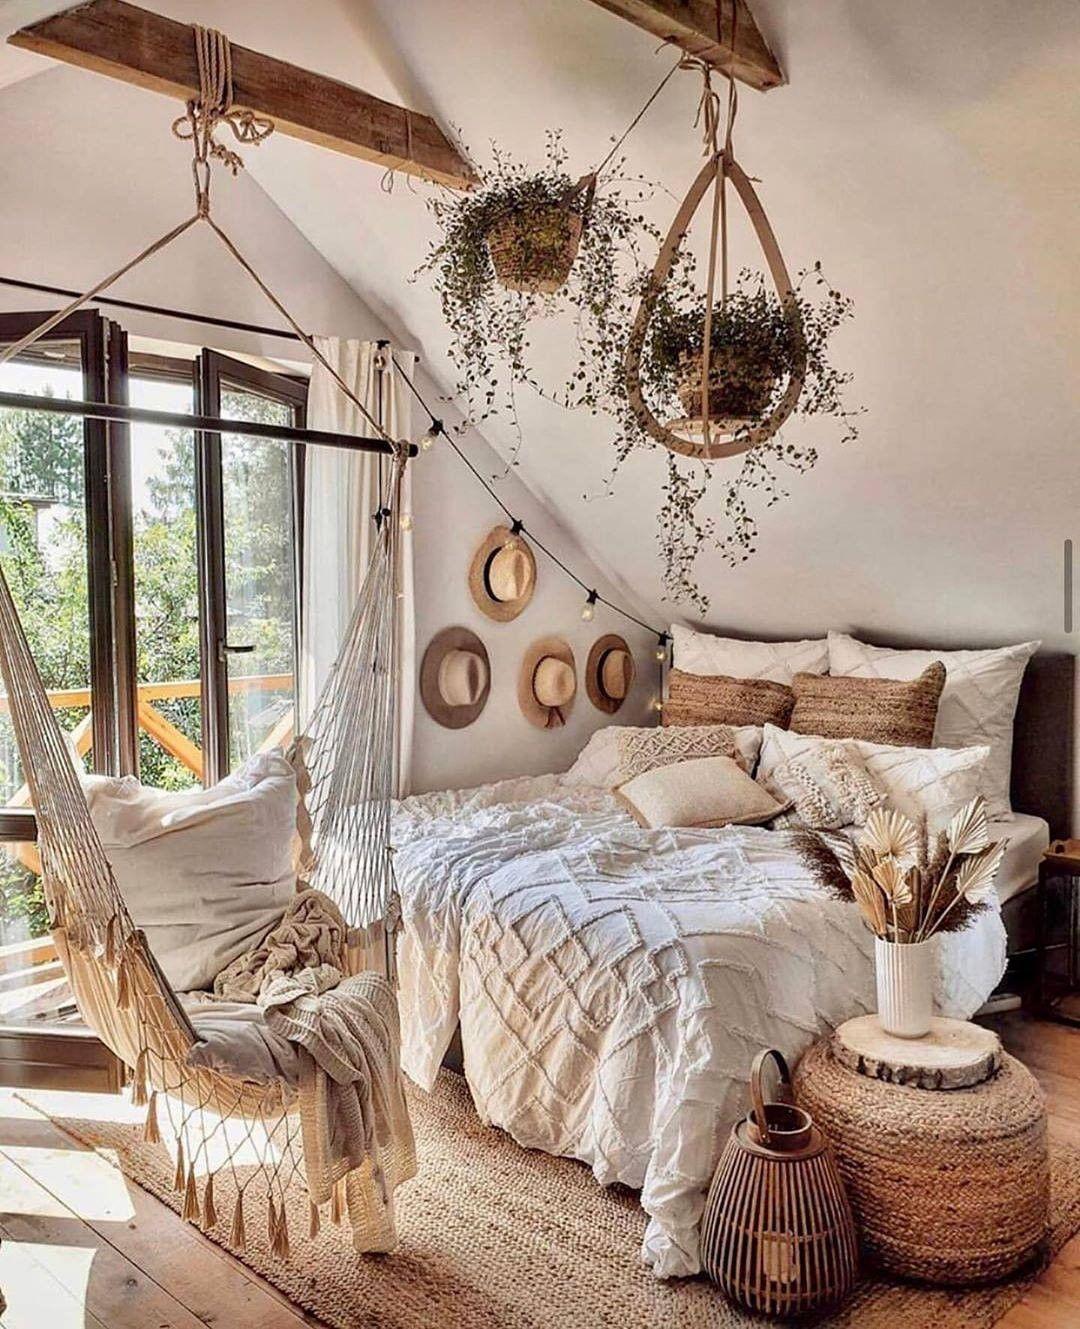 Pin By Derek Phang On The Love Shack Bedroom Design Trends Bedroom Trends Master Bedroom Design